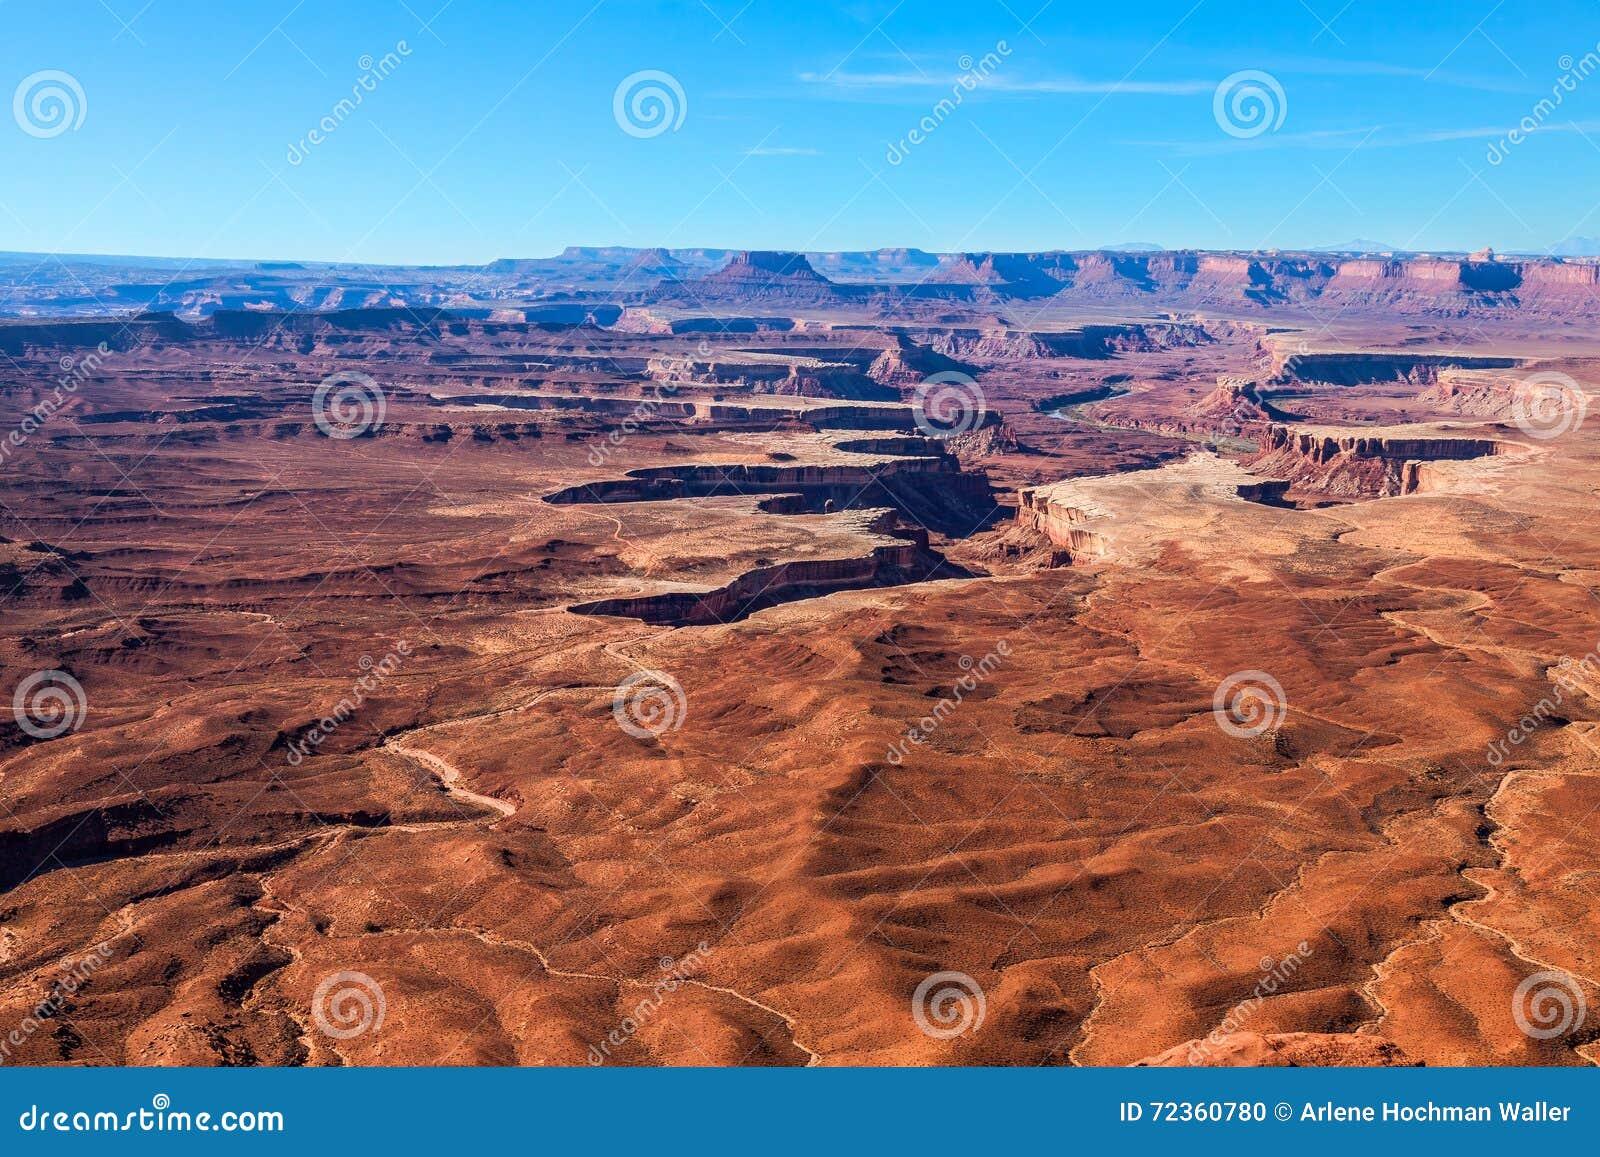 针俯视峡谷为消遣区域BLM土地犹他装边